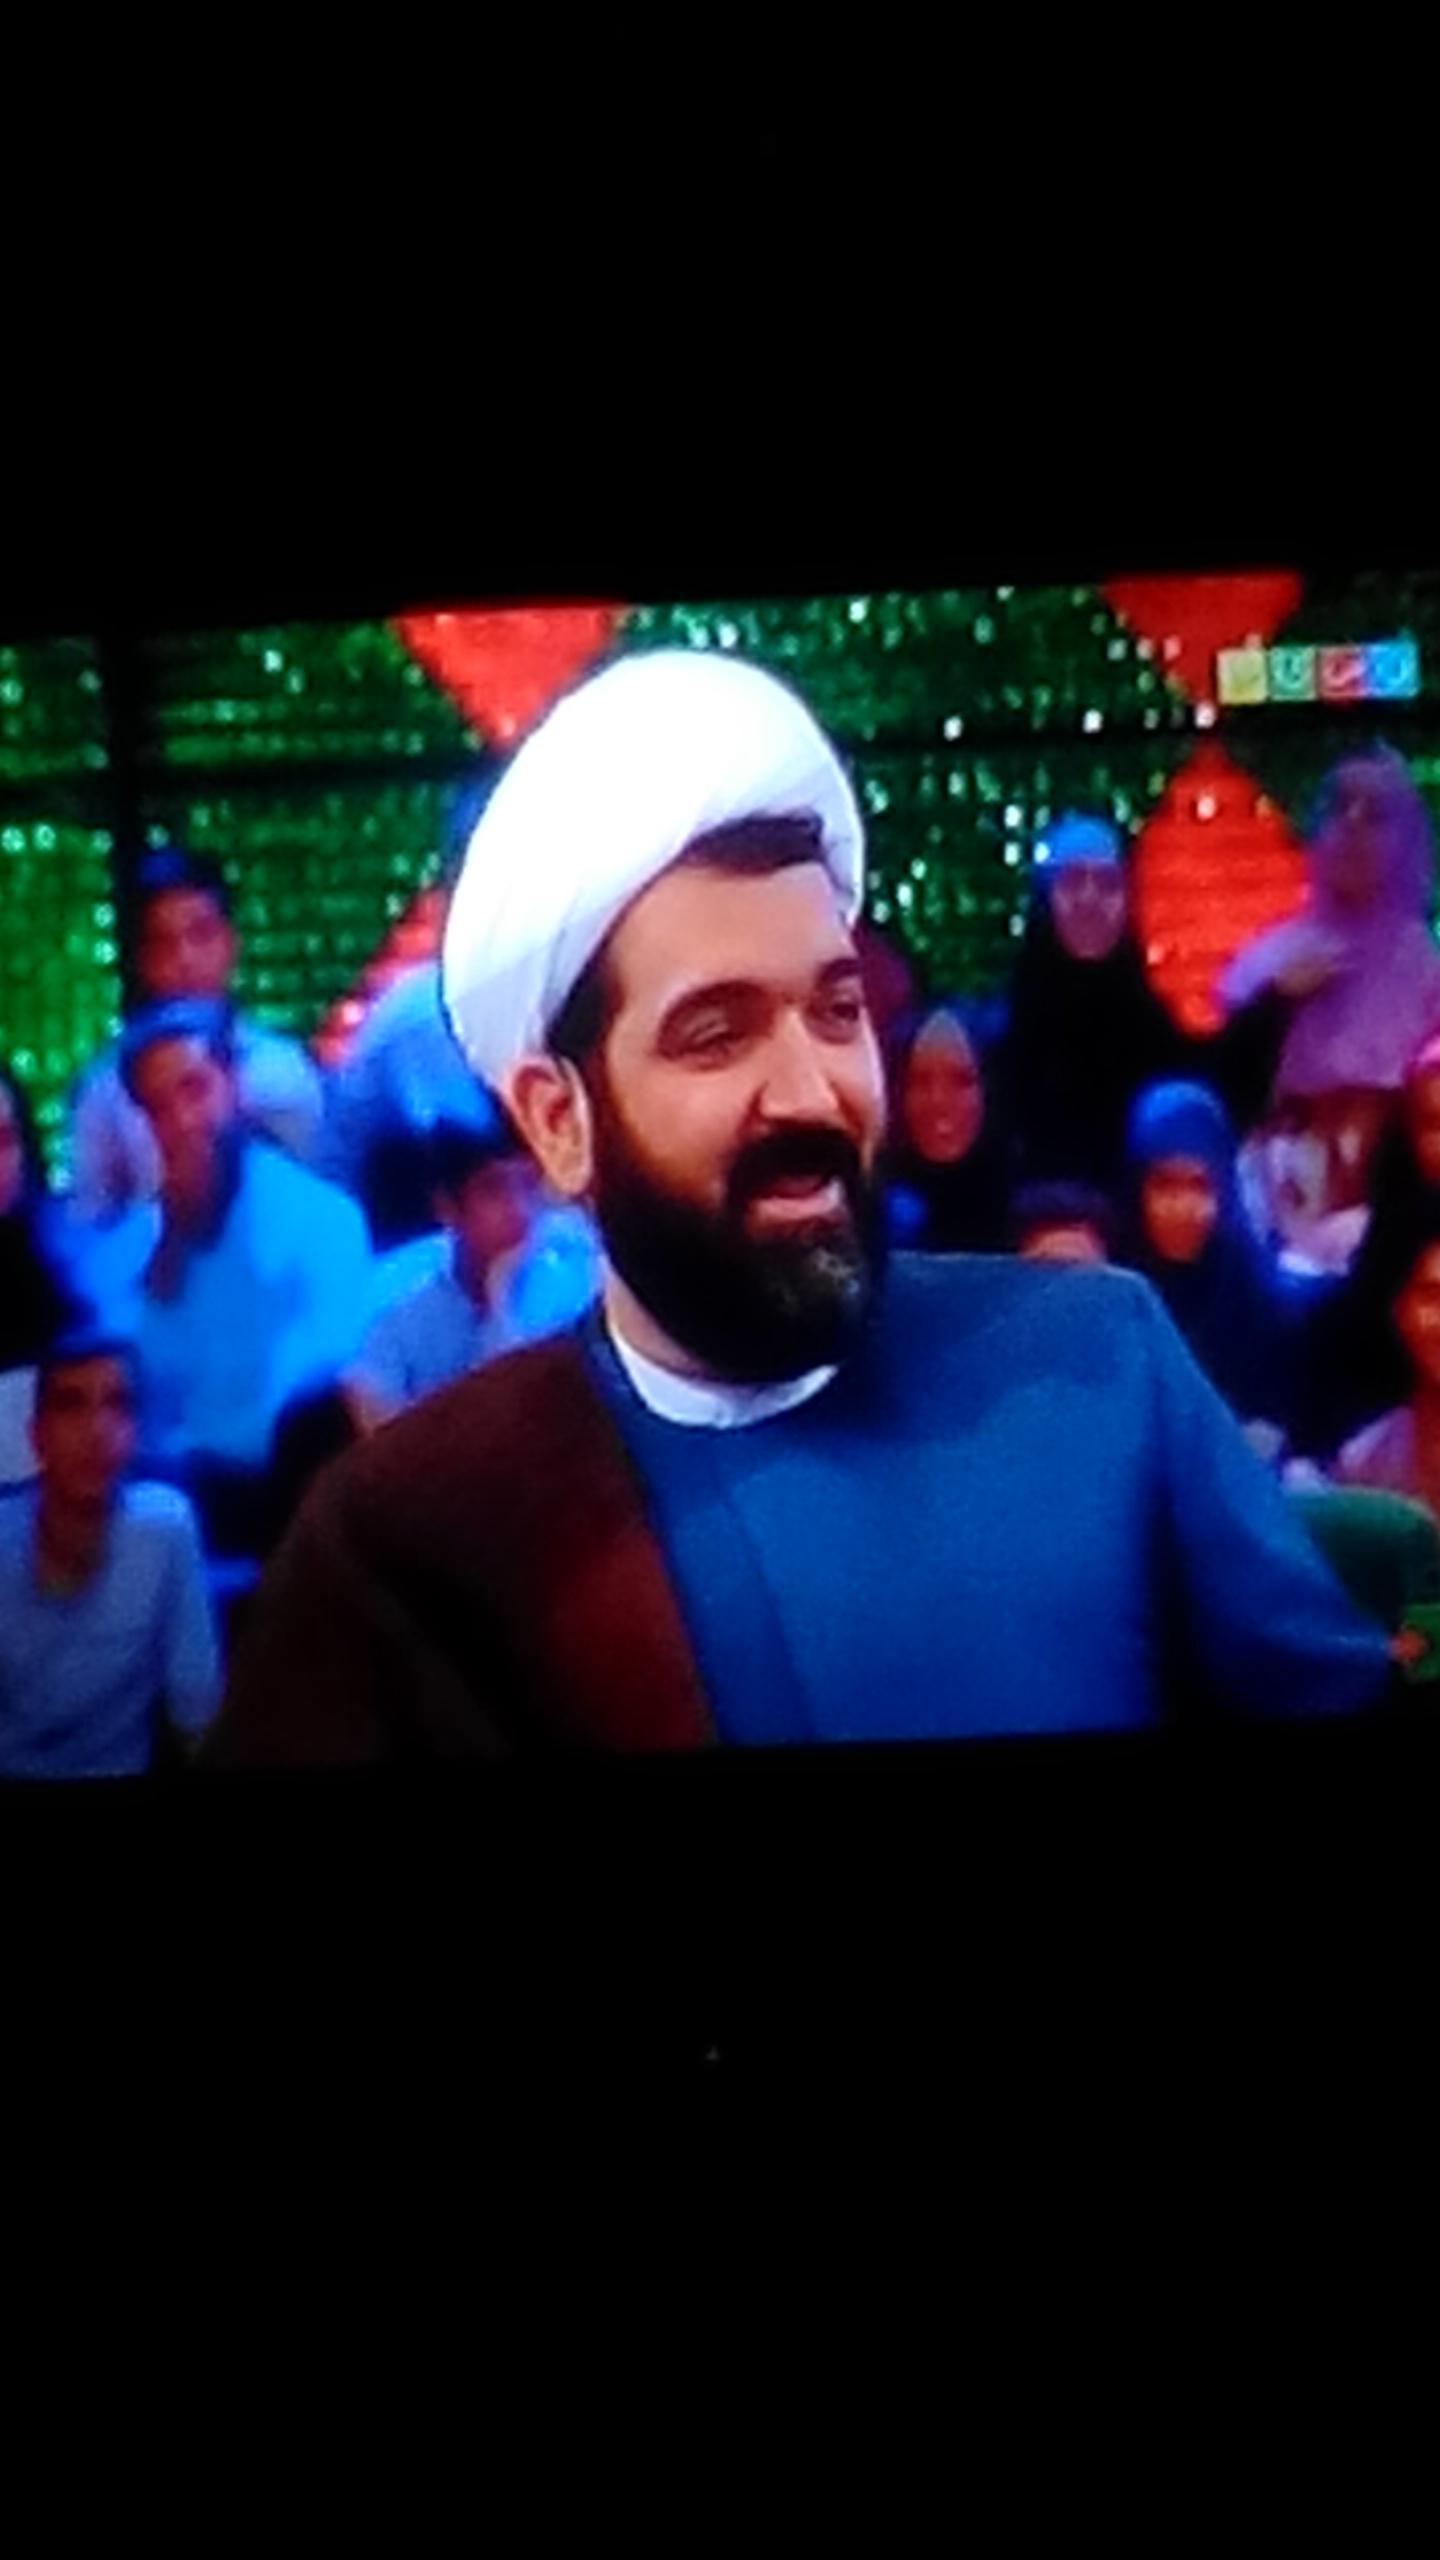 حجت الاسلام شهاب مرادی در خندوانه: مسؤولان اینقدر با هم دعوا نکنند